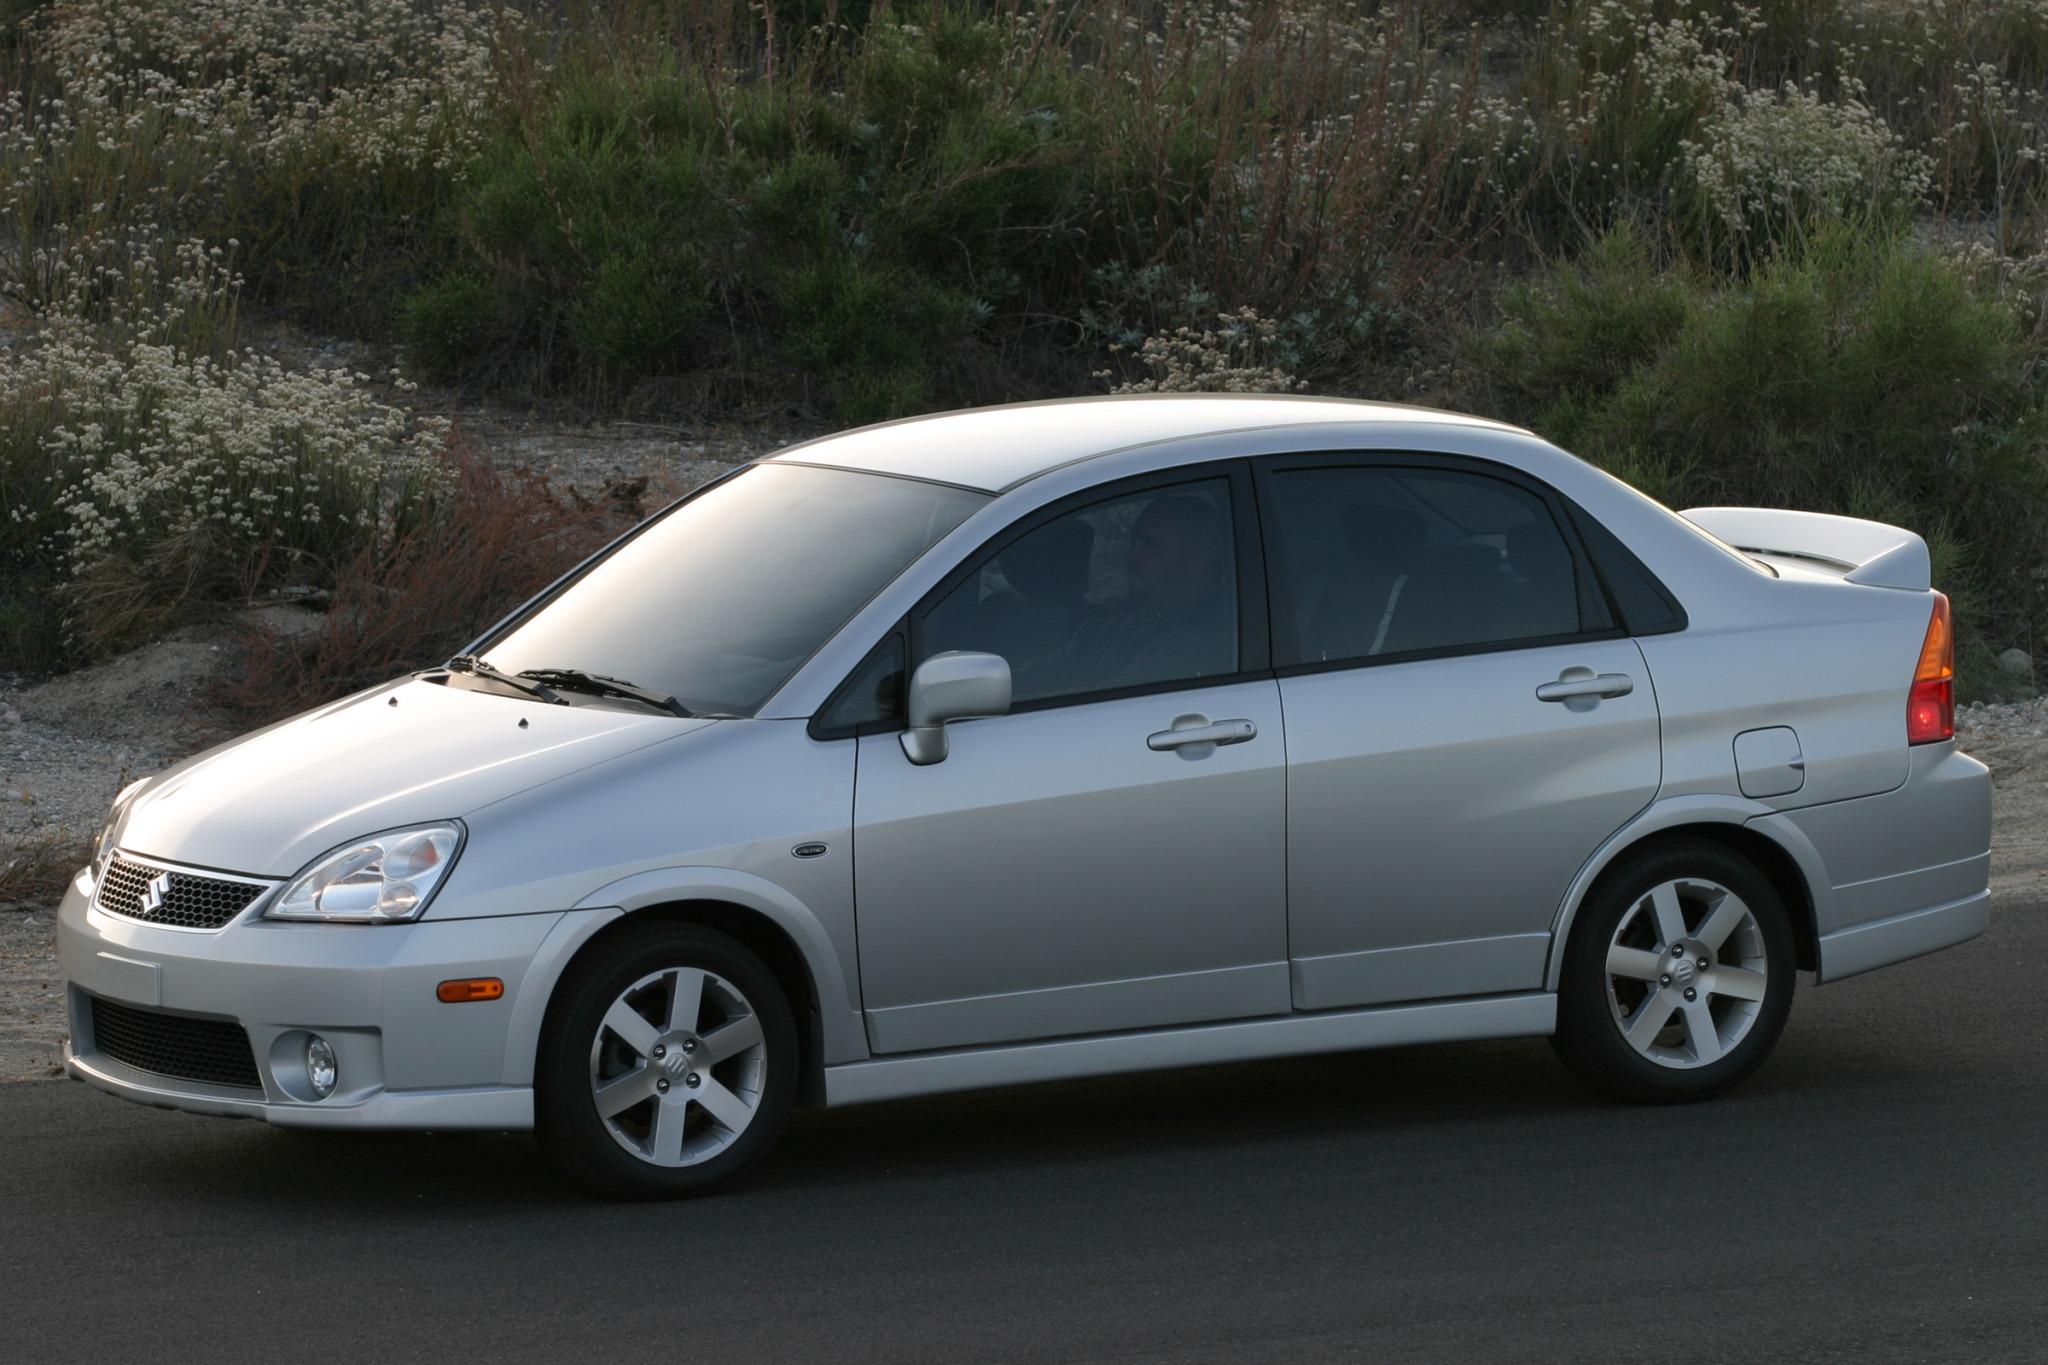 2007 suzuki aerio sedan premium fq oem 2 2048